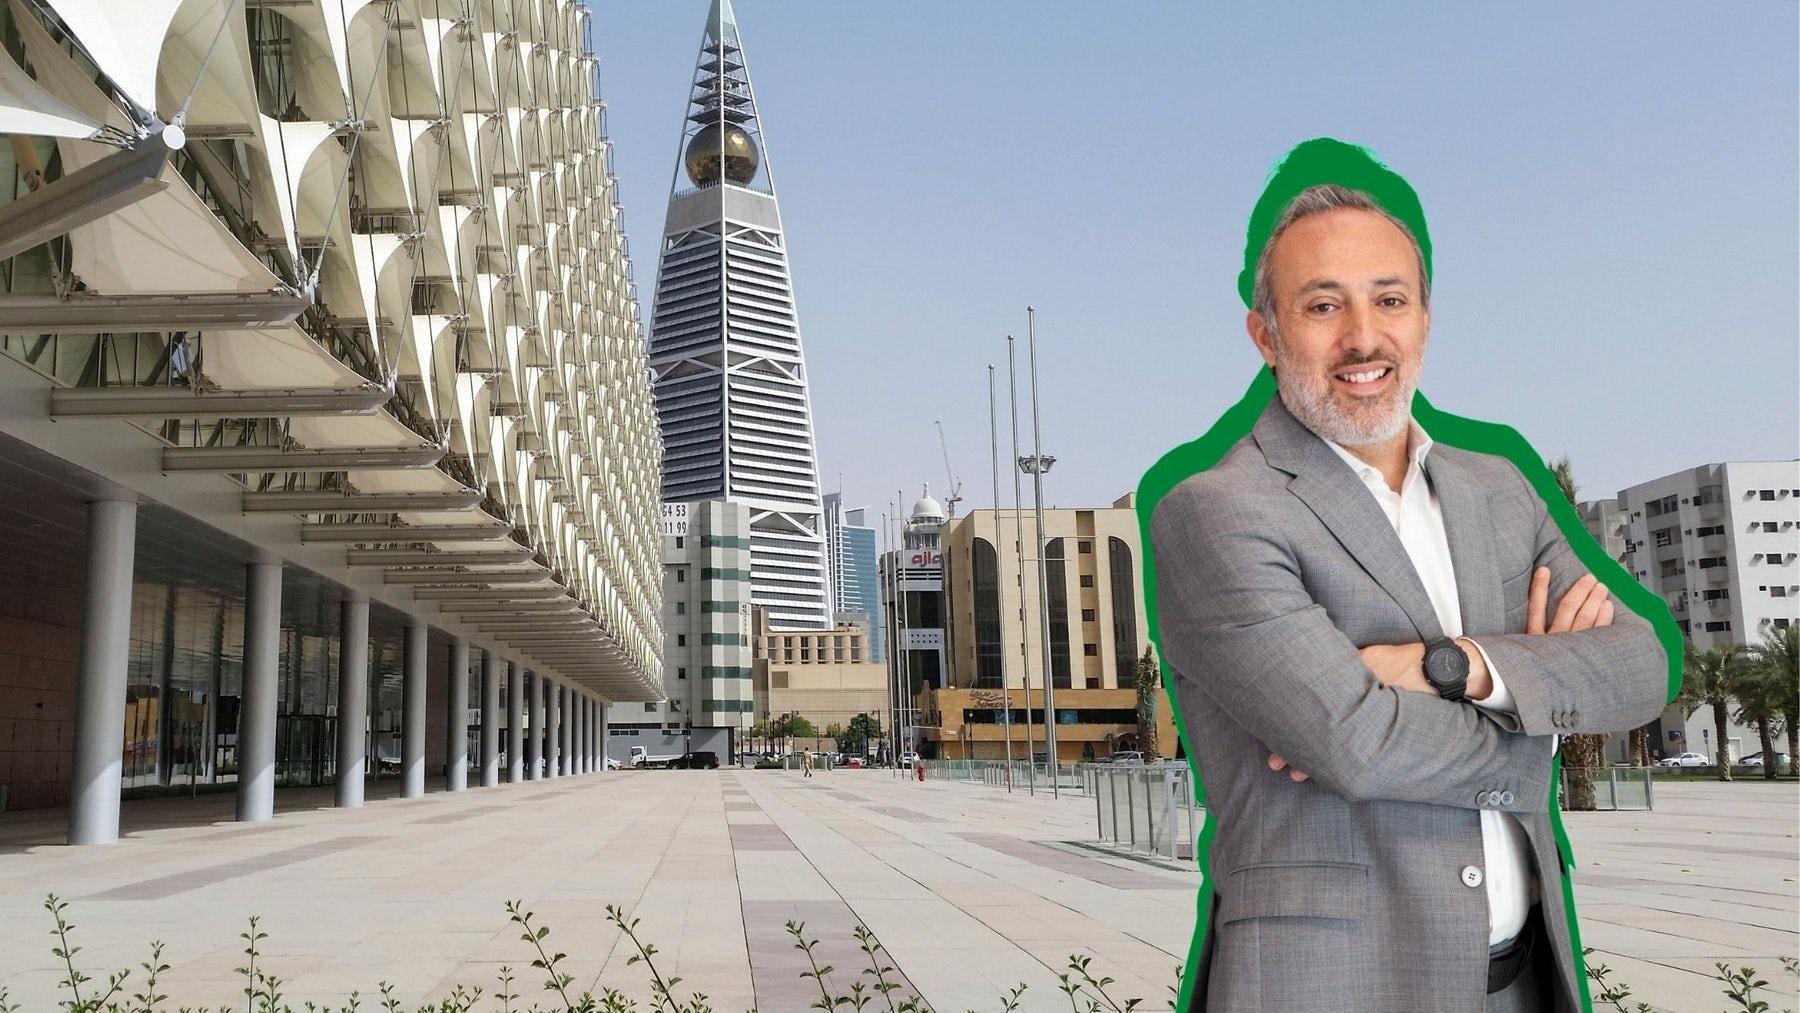 Marwan Moukarzel, CEO at Alhokair Fashion Retail, based in Riyadh, Saudi Arabia. BoF Collage.